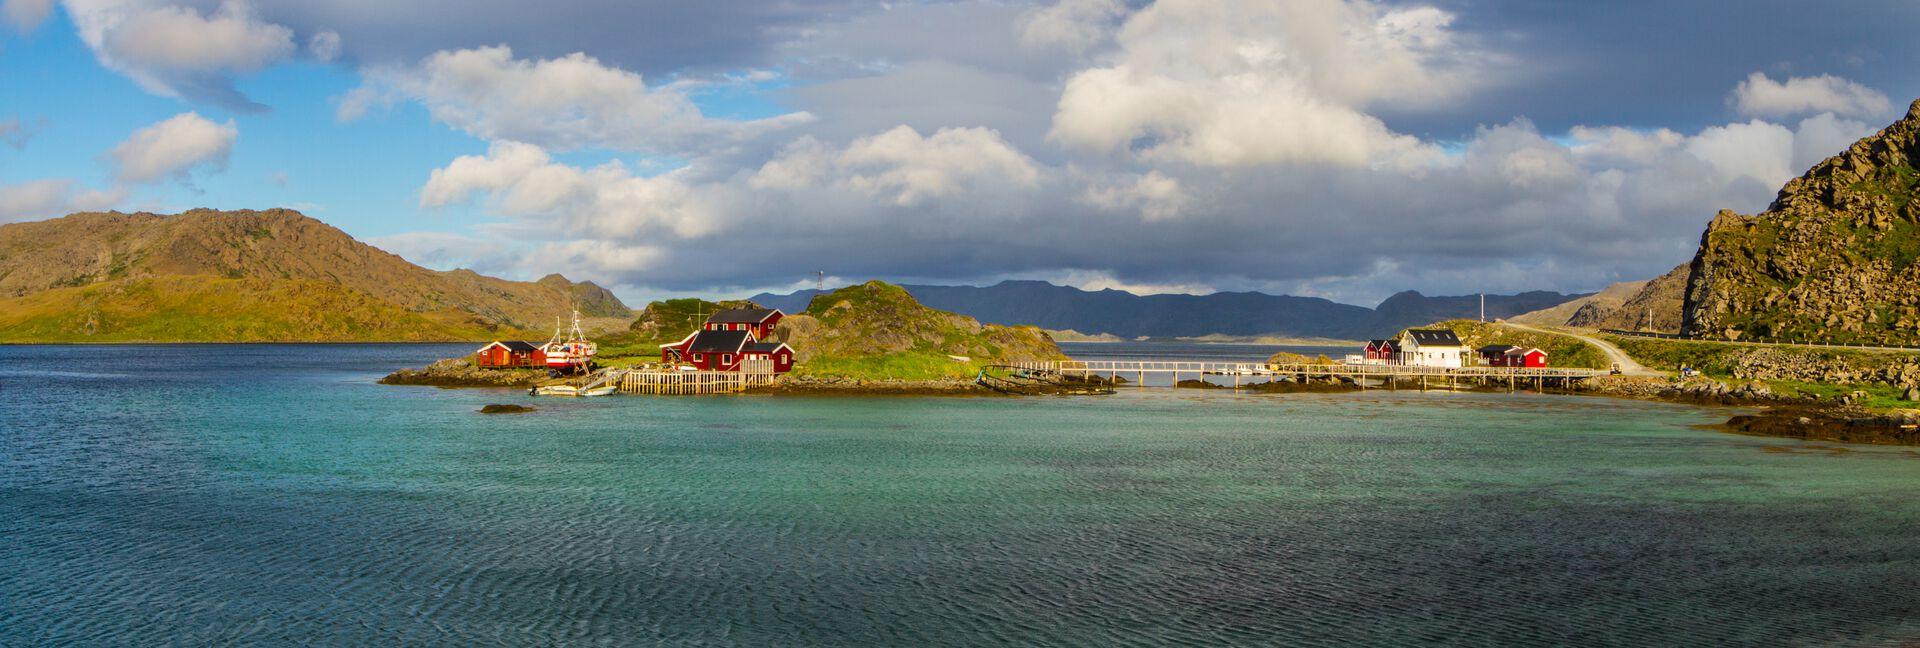 Busrundreise Nordkap und Lappland